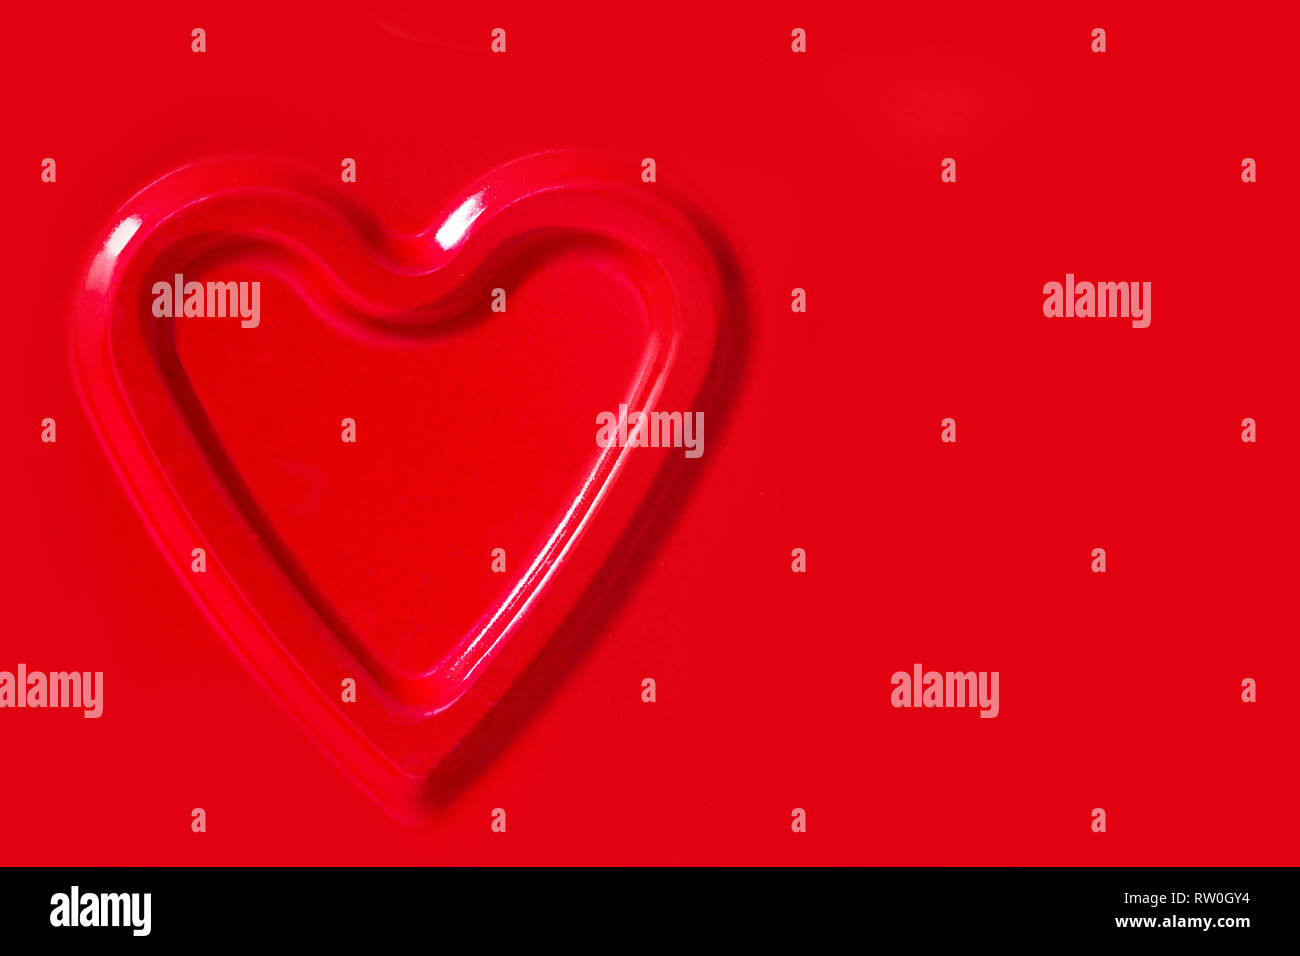 El contorno convexo del corazón sobre un fondo rojo del hierro. Imagen De Stock